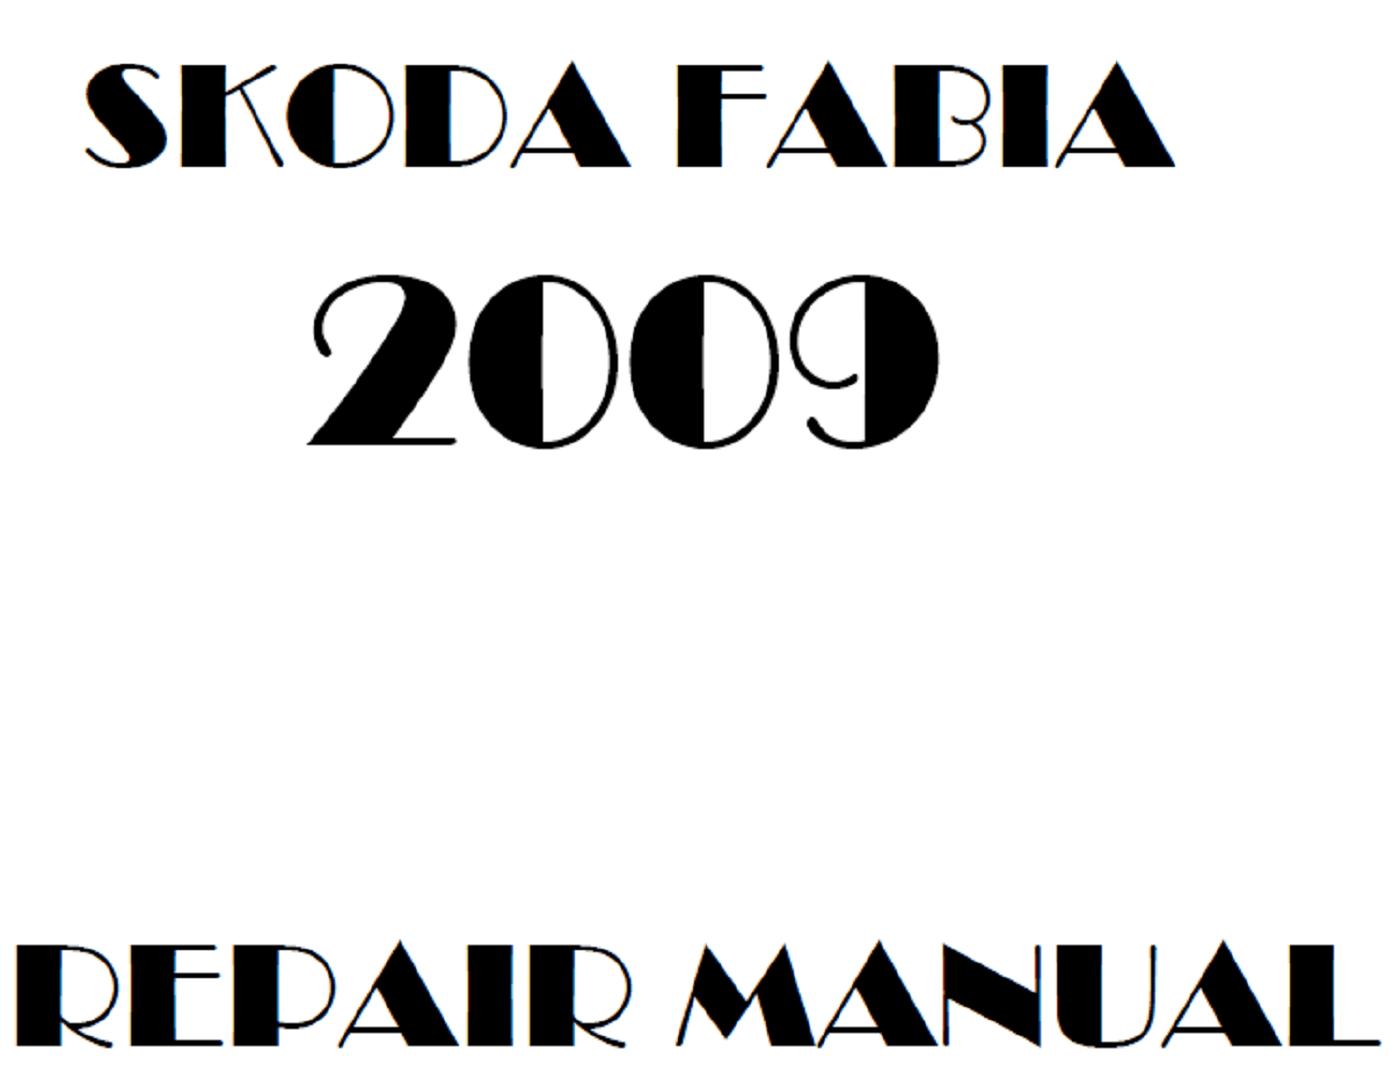 2009 Skoda Fabia repair manual